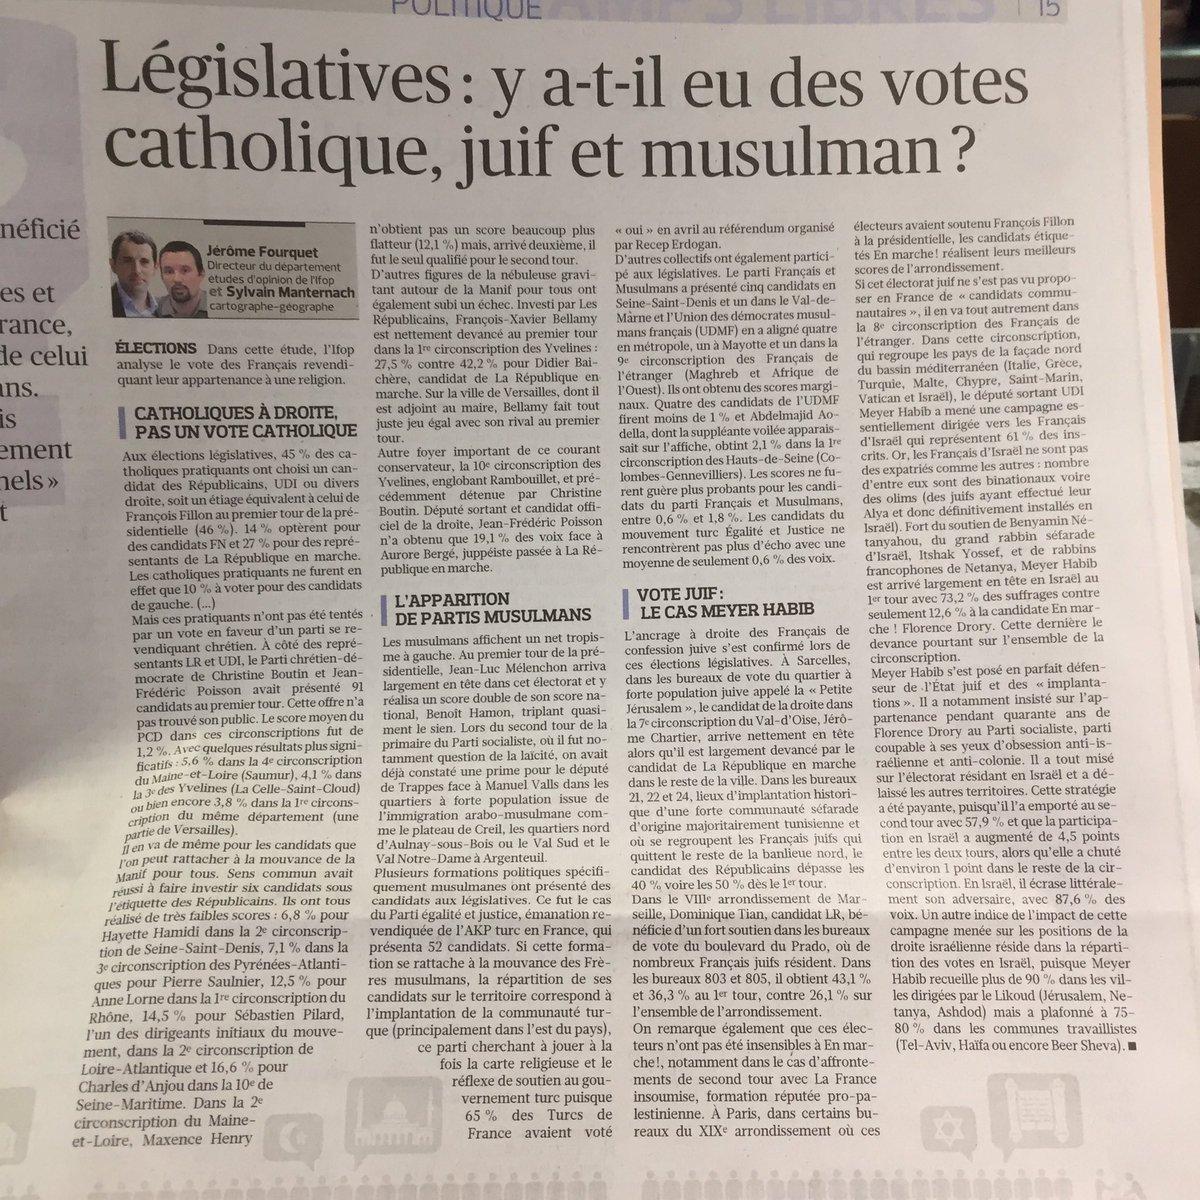 '#Legislatives2017 : y a-t-il eu des votes catholique, juif et musulma...